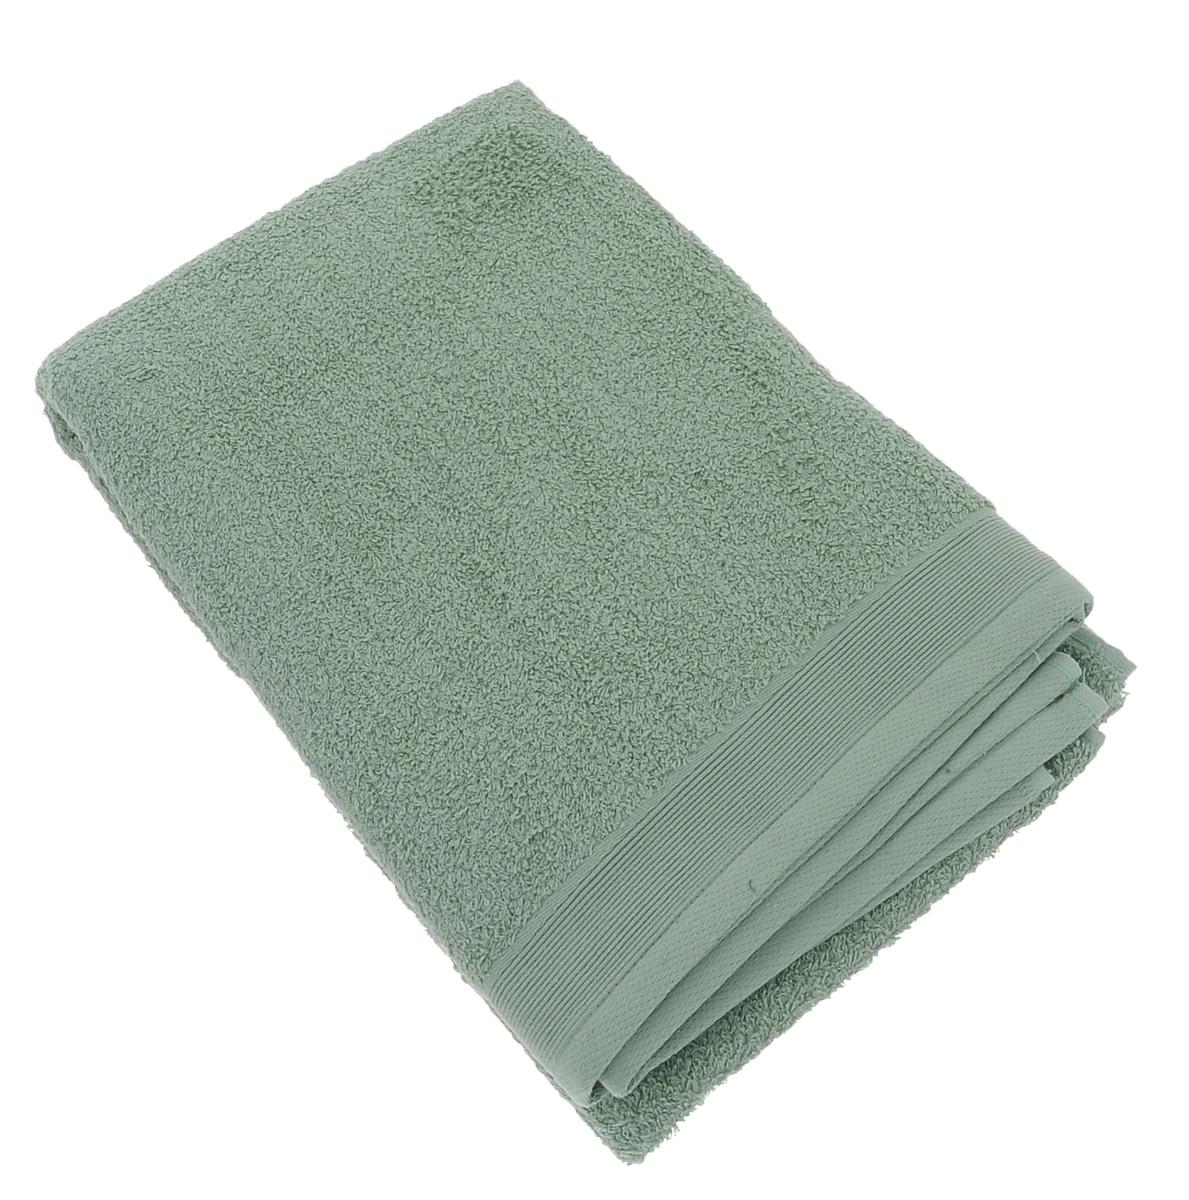 """В состав полотенца """"Guten Morgen"""" входит только натуральное волокно - хлопок.  Лаконичные бордюры подойдут для любого интерьера ванной комнаты. Полотенце  прекрасно впитывает влагу и быстро сохнет. При соблюдении рекомендаций по уходу  не линяет и не теряет форму даже после многократных стирок.   Плотность: 500 г/м2."""